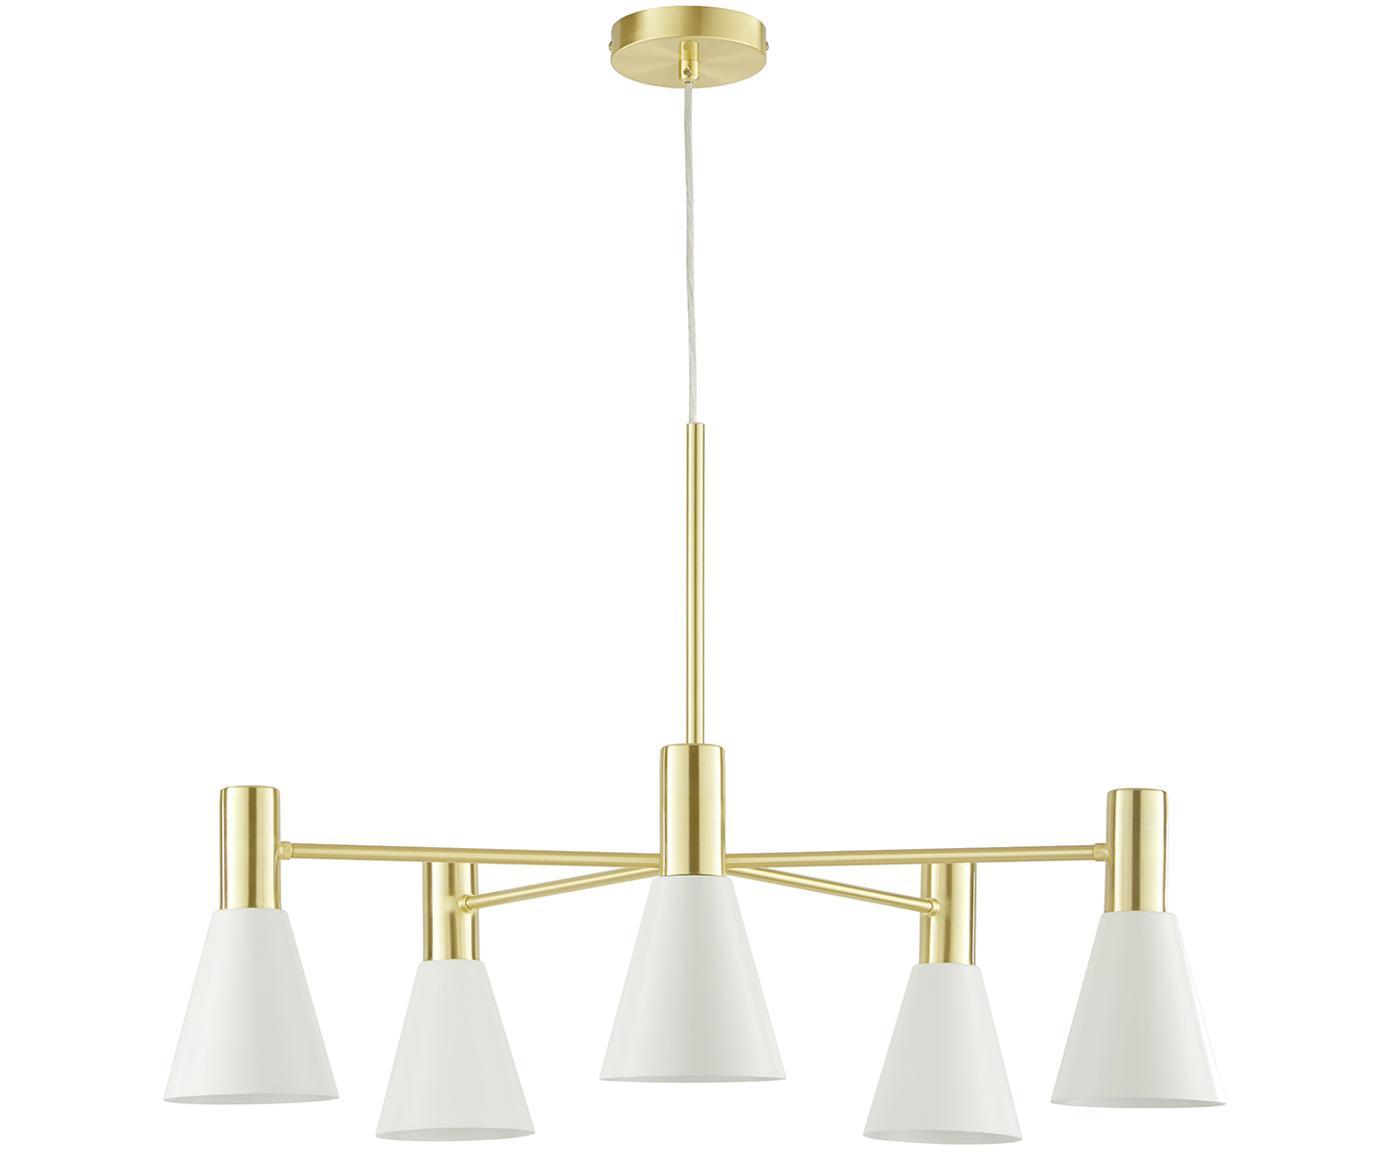 Lampa wisząca Sia, Klosz: biały, matowy Osłona mocowania sufitowego i stelaż lampy: mosiądz szczotk, Ø 75 cm